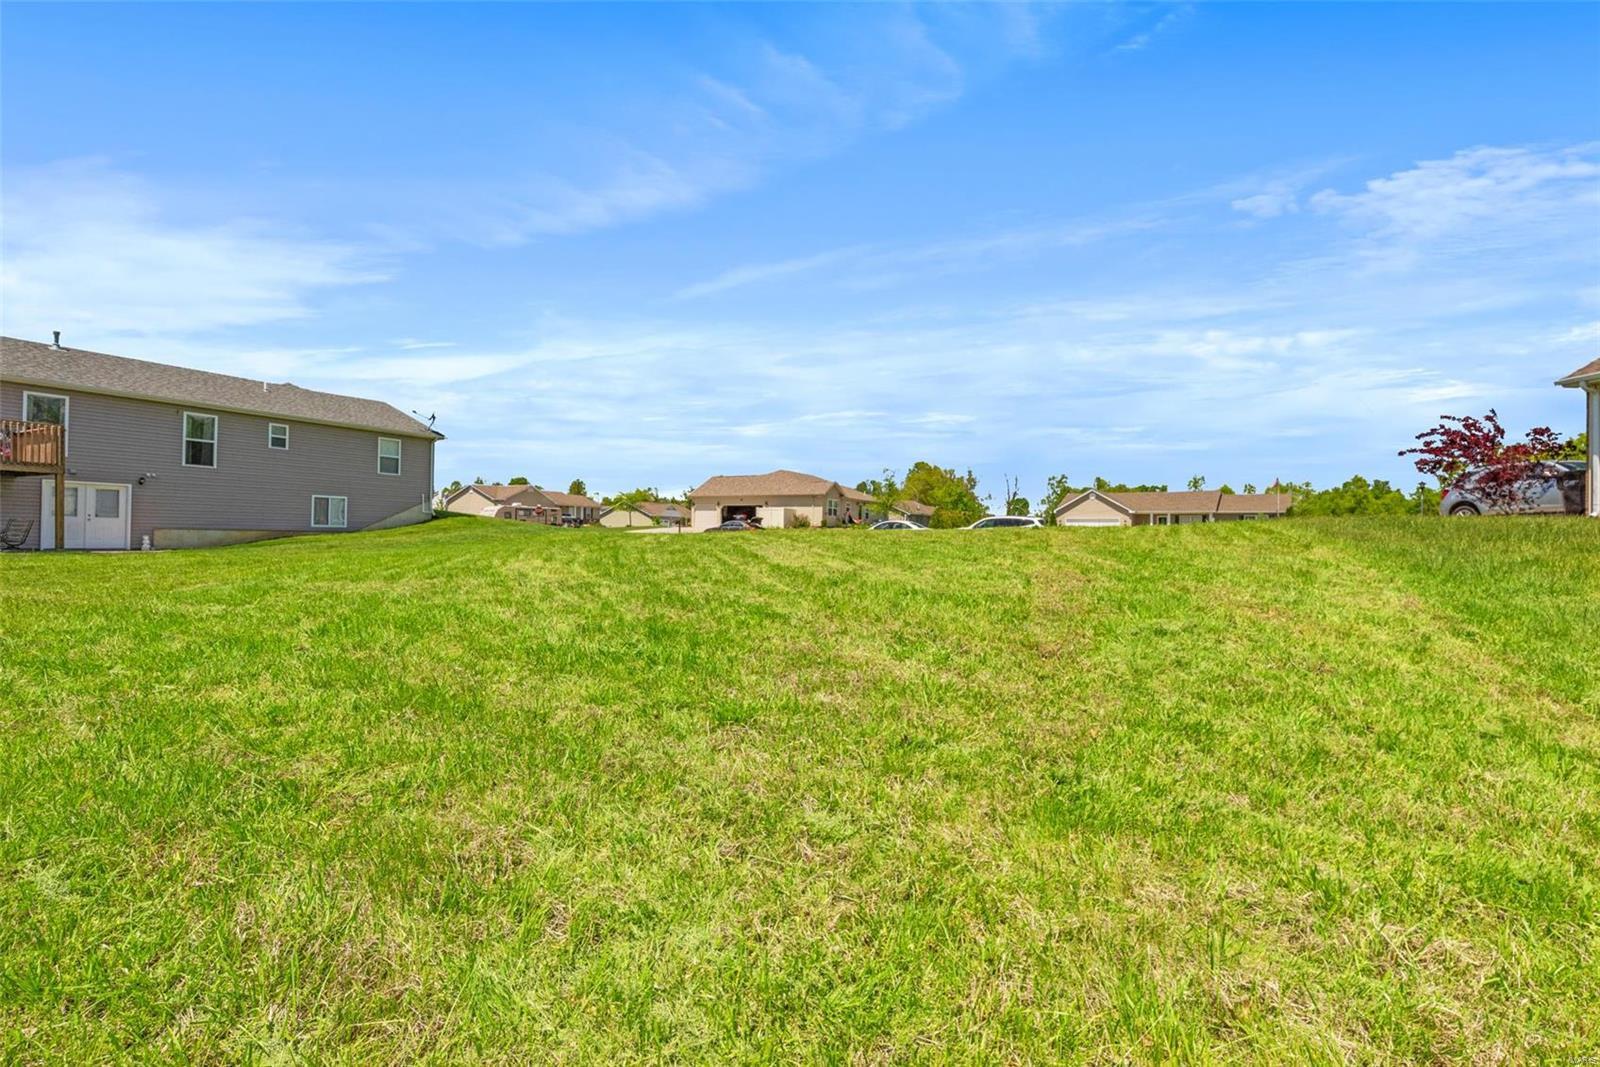 Carrington East Sub Real Estate Listings Main Image